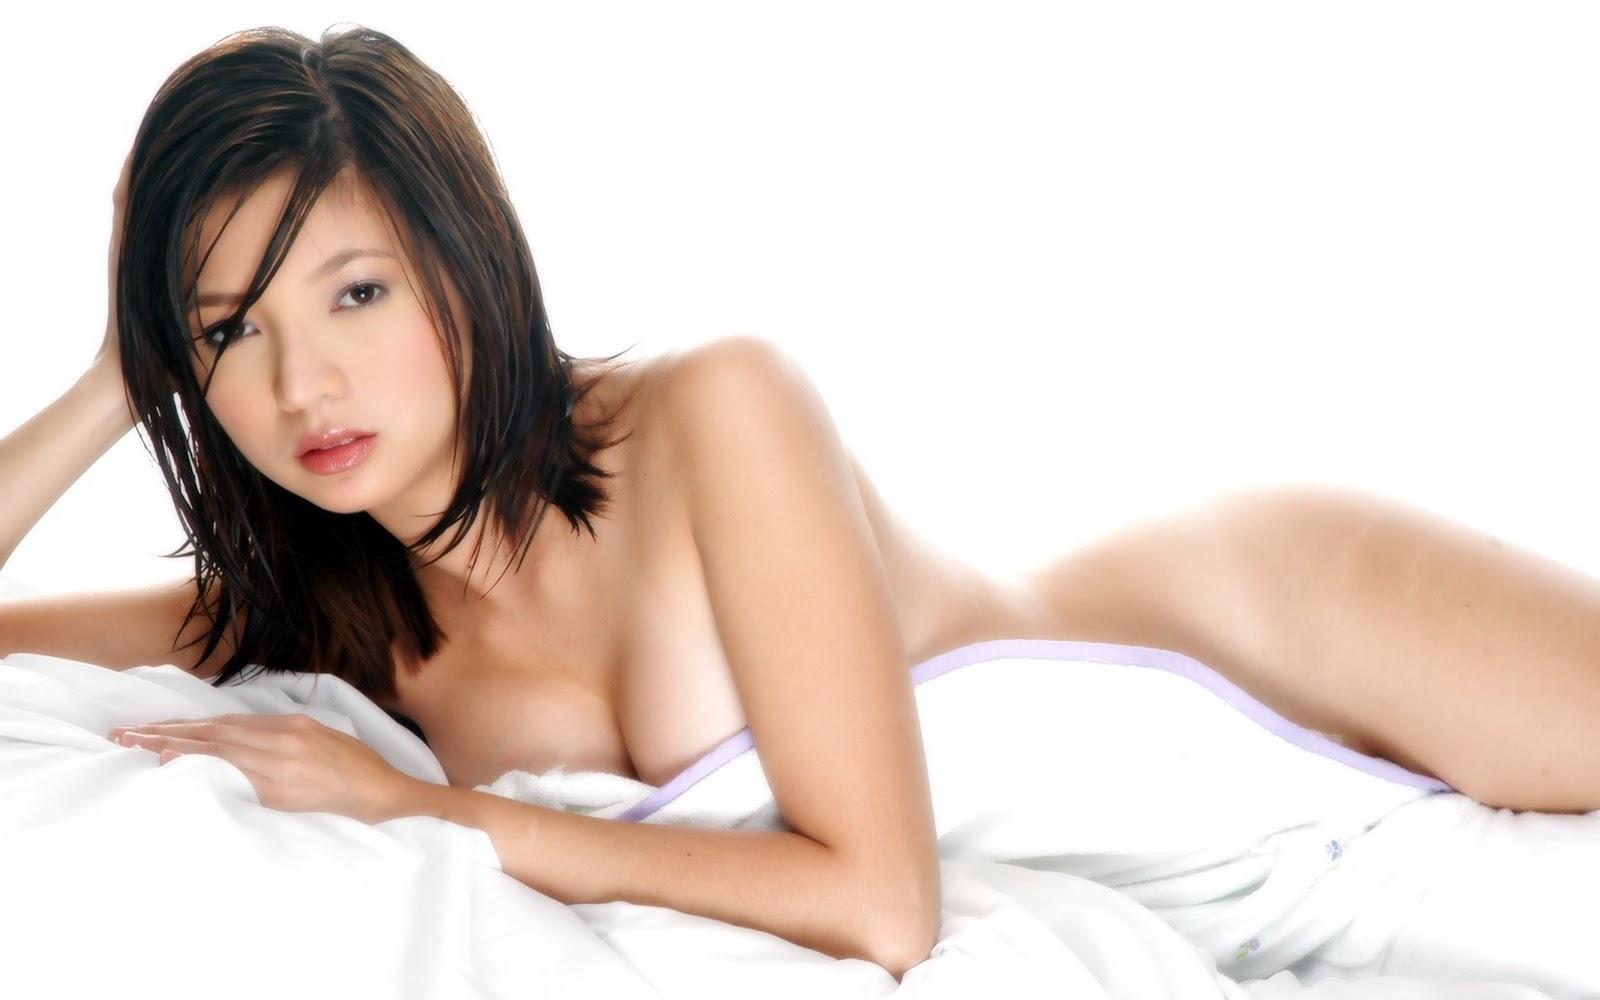 Viva hot Babes sexy Bilder